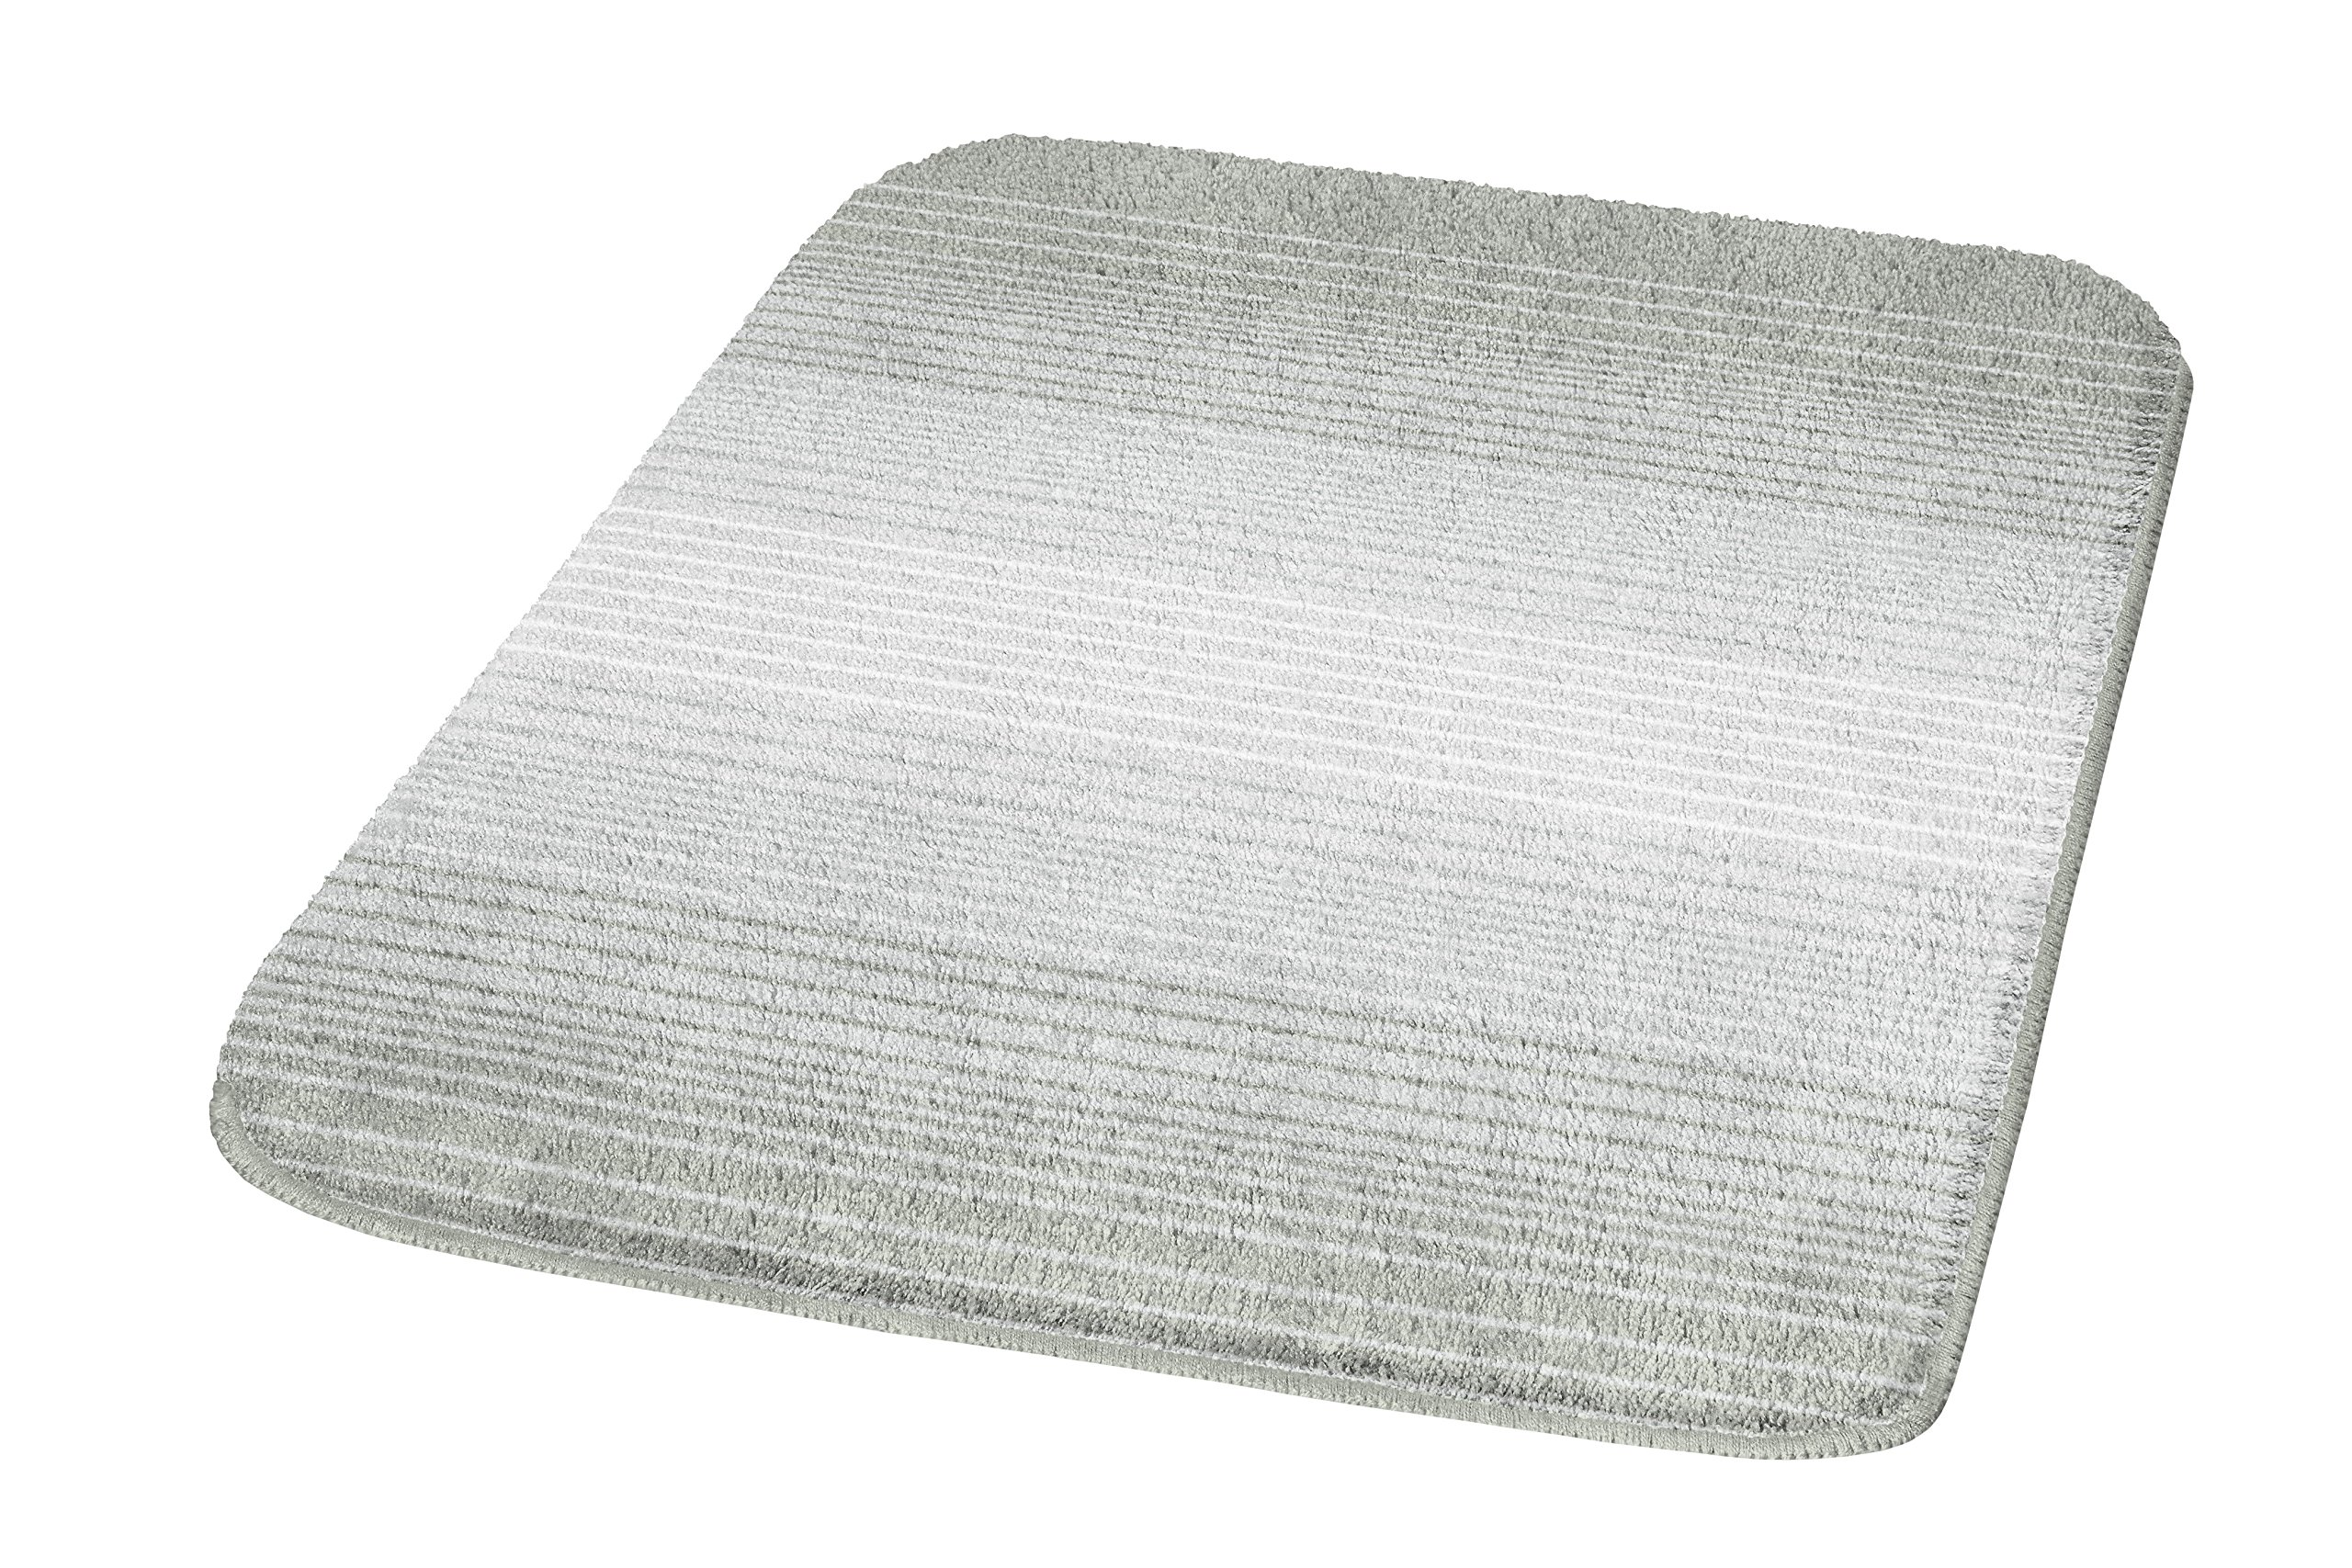 Kleine Wolke Alicante Gradient Medium Bath Rugs (21.7x25.6 In, Platinum) by Kleine Wolke